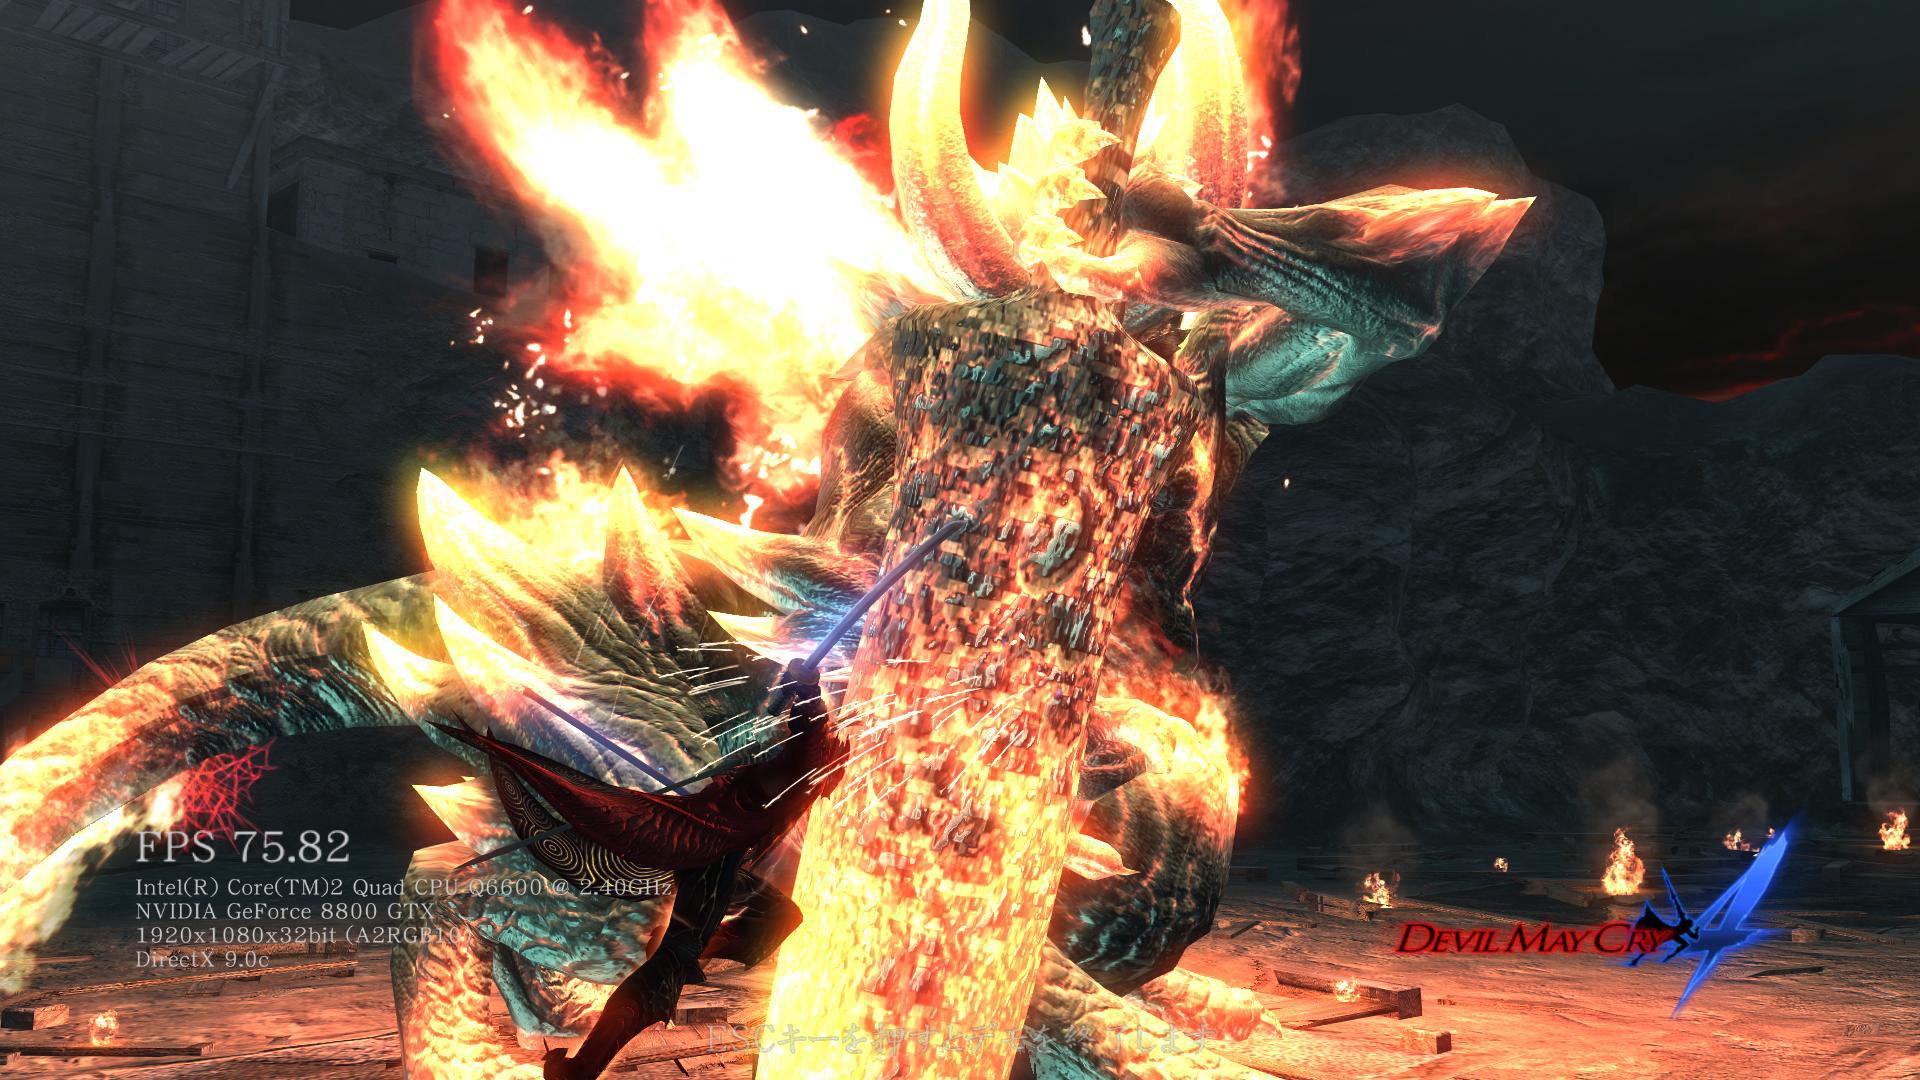 Devil May Cry 4 Screenshot 4